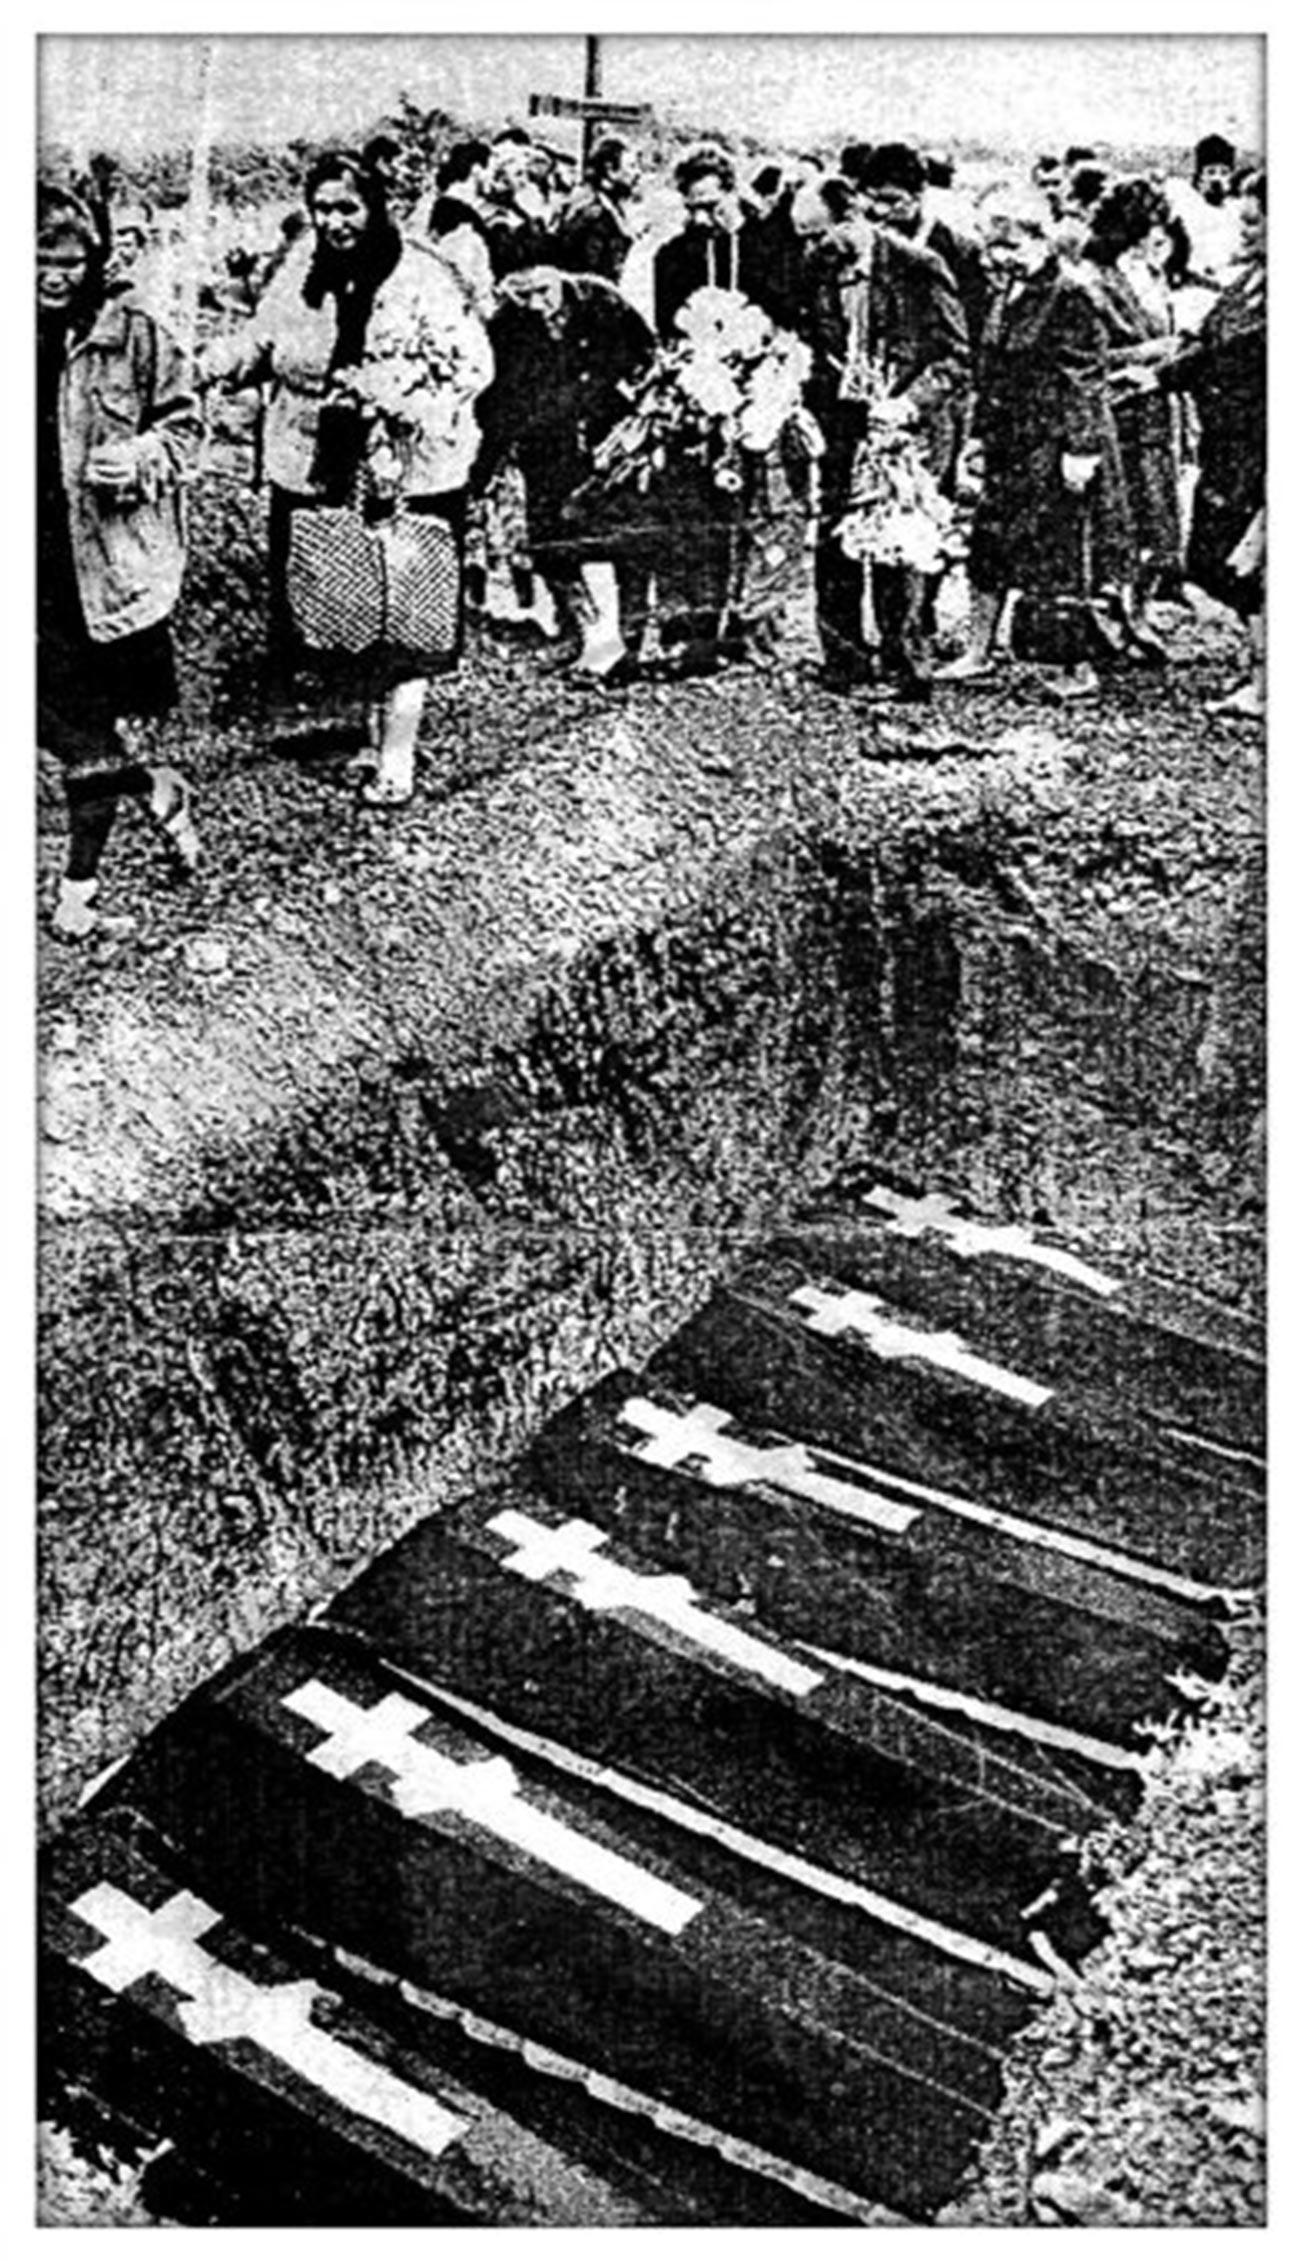 Enterro simbólico das vítimas do massacre de 1962 em um cemitério em Novotcherkassk, em 1994